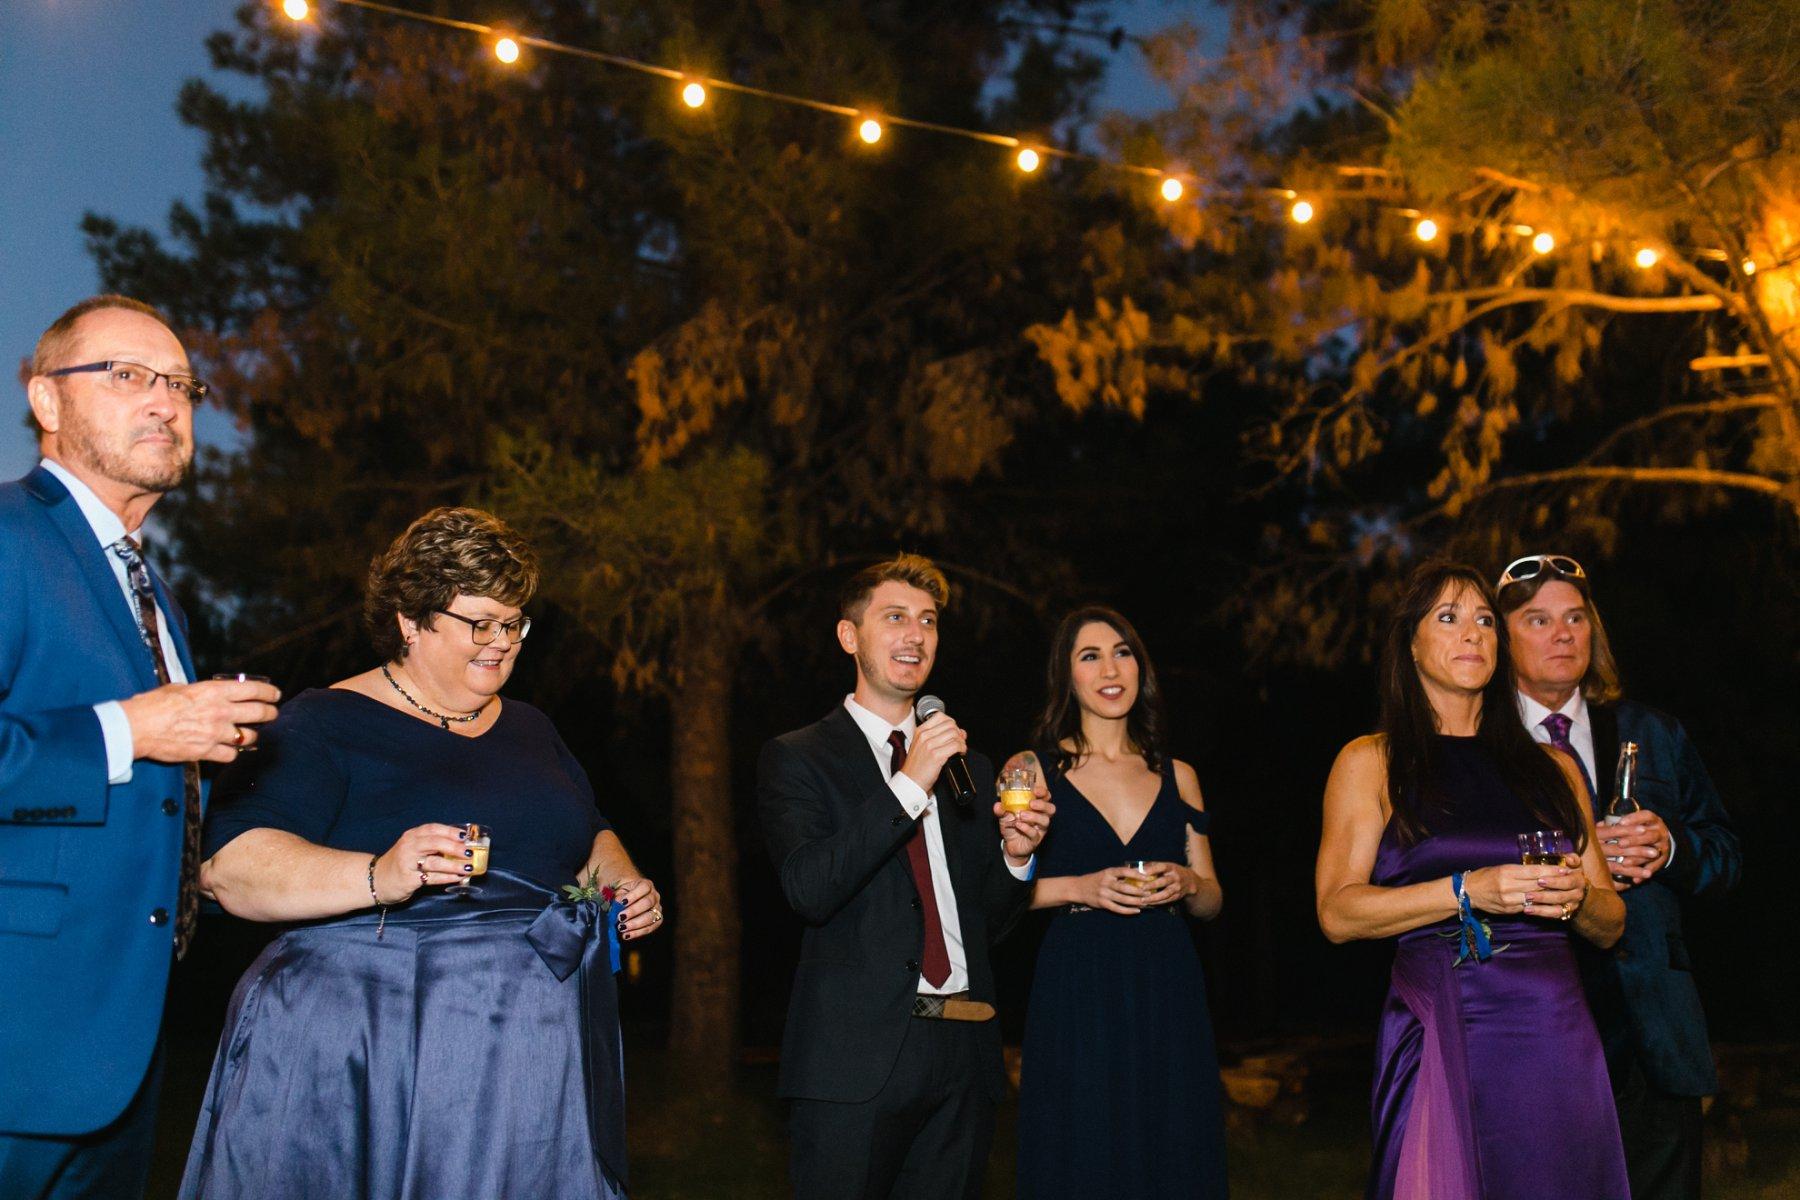 the Meadow Schnepf Farms wedding reception outdoor venue